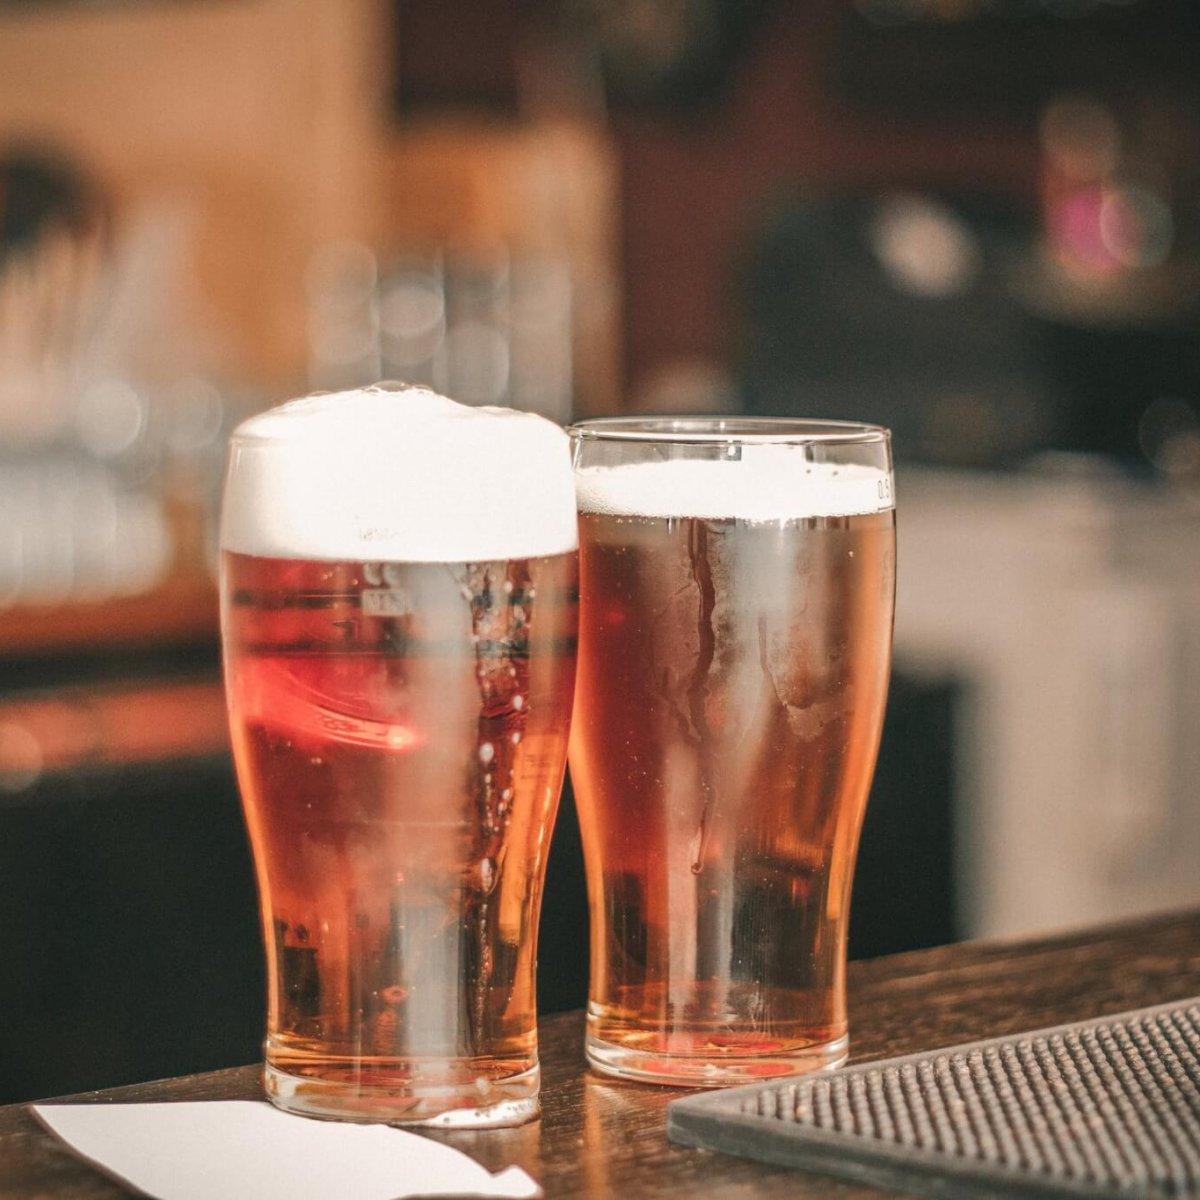 beer 1 - National Restaurant Properties